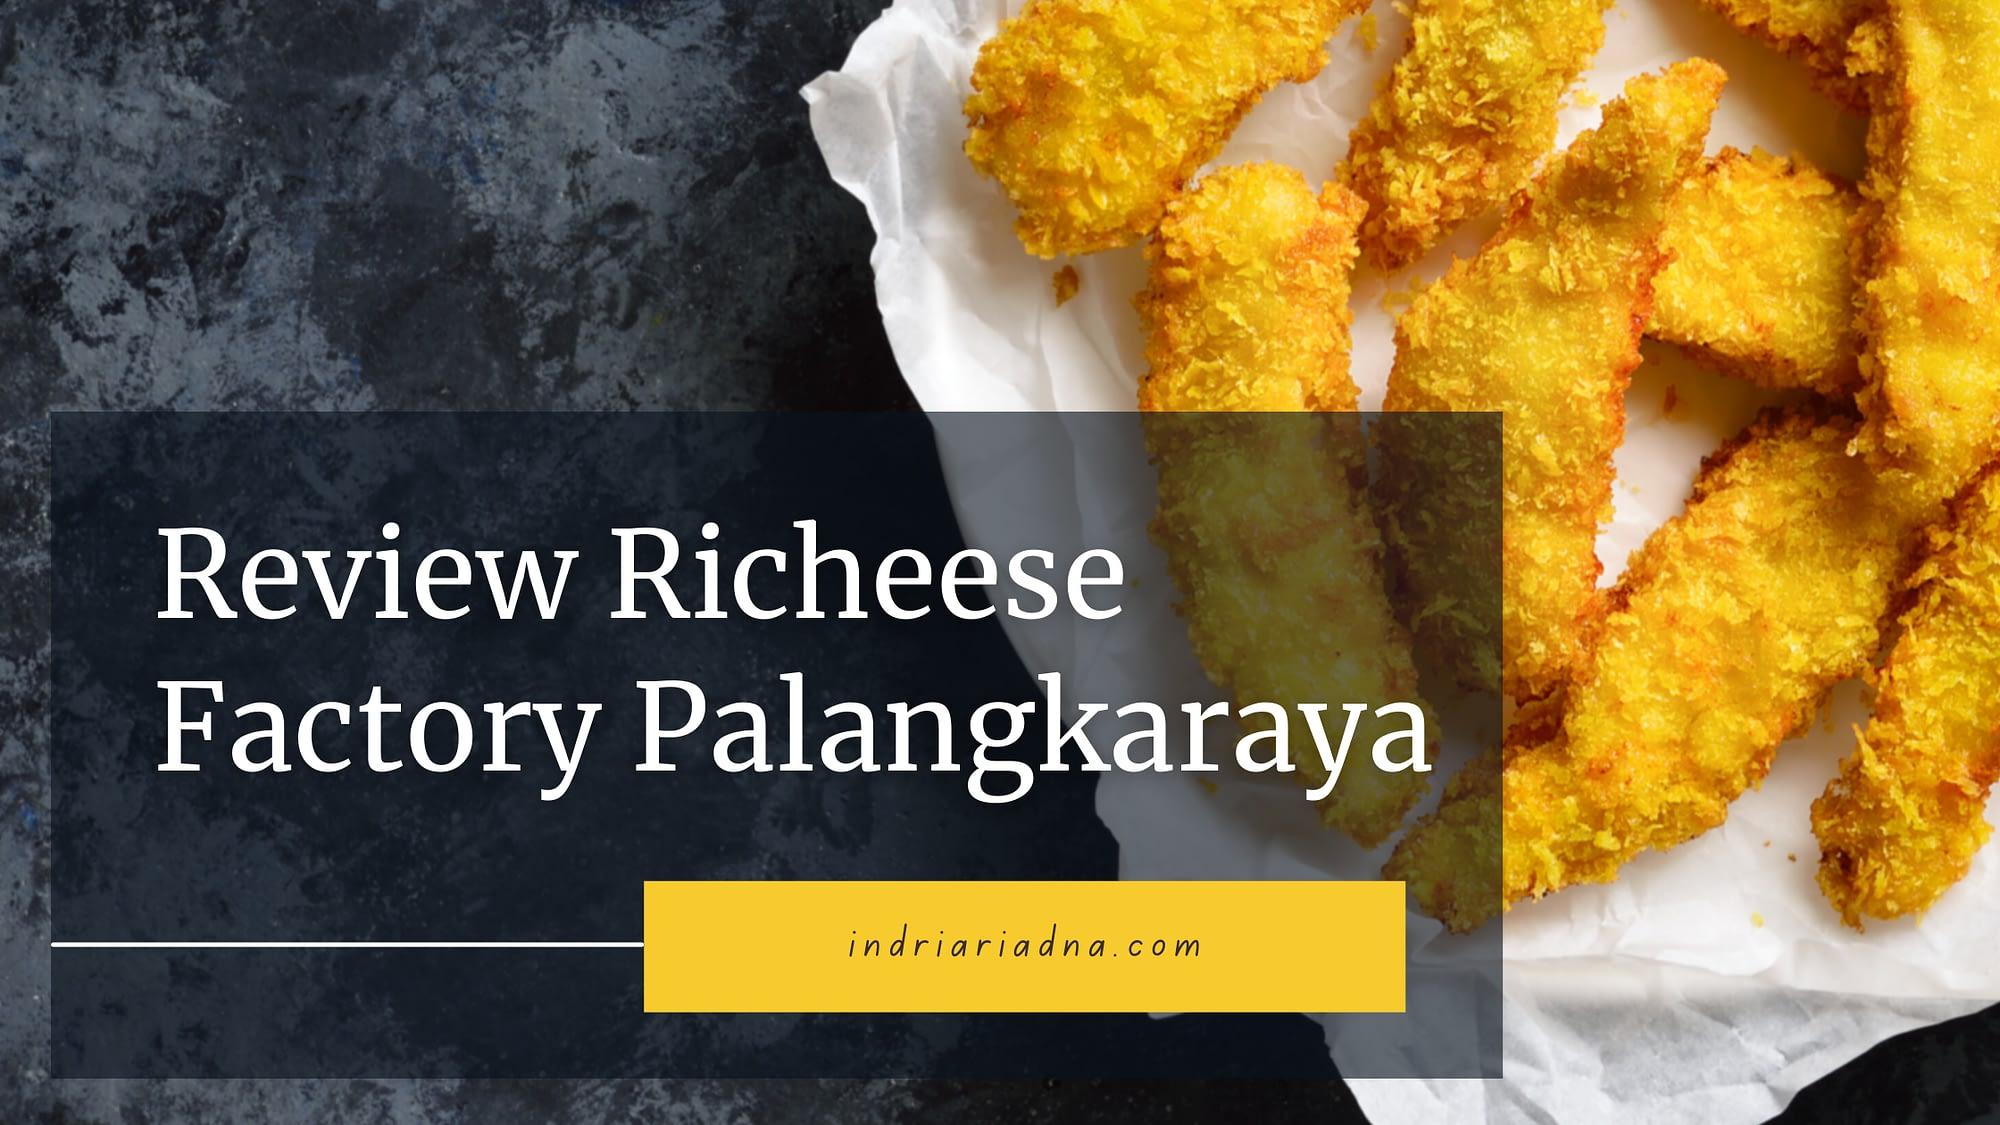 review richeese factory palangkaraya